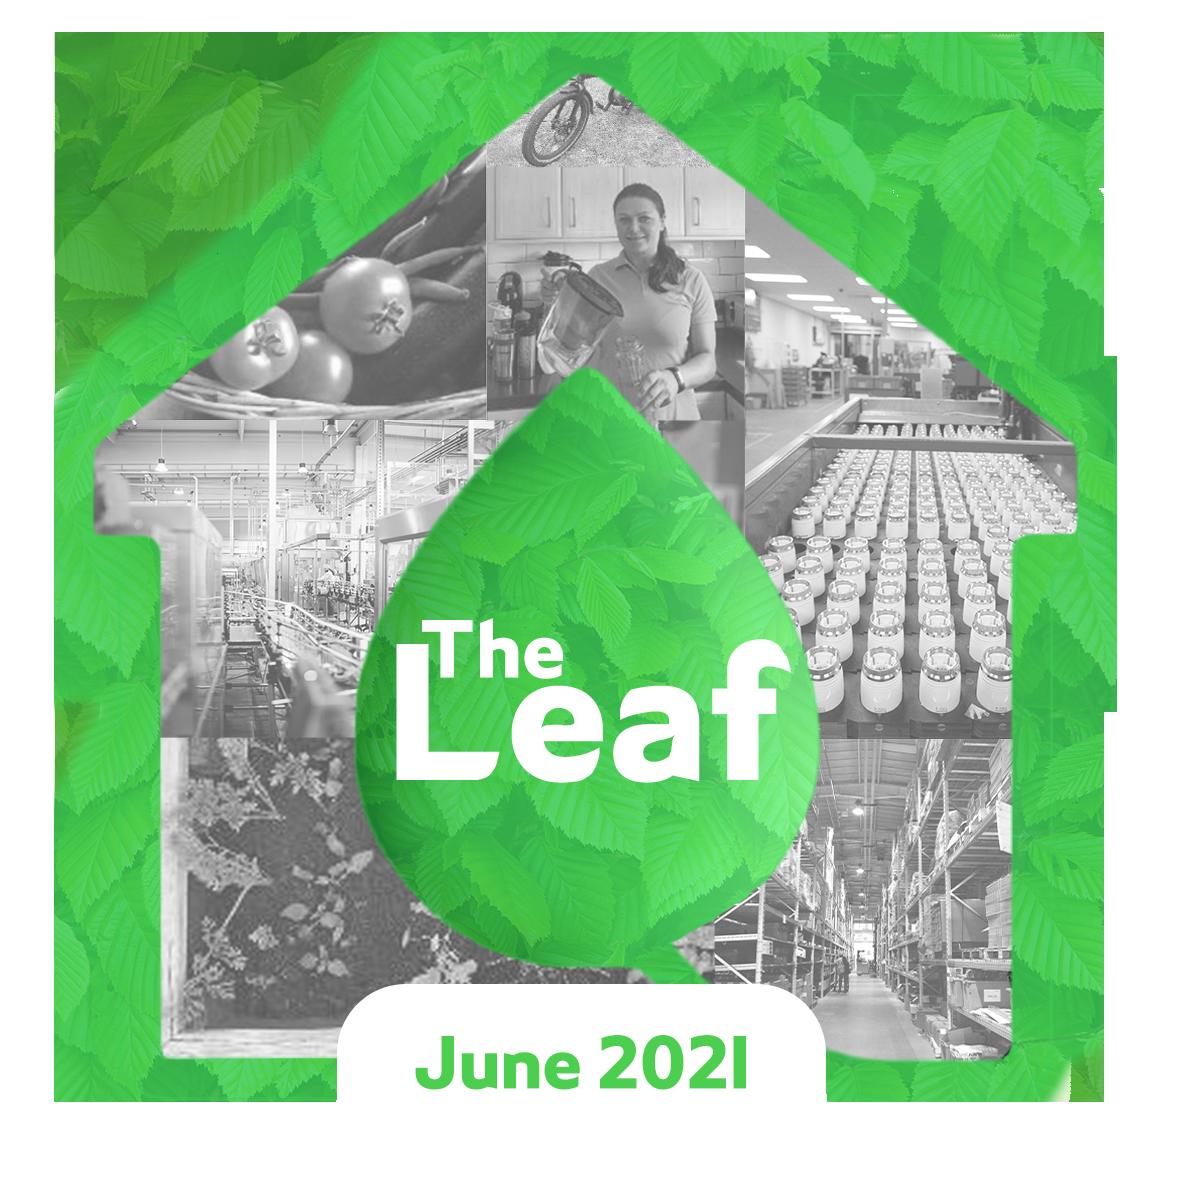 corporate_sustainability_blog_drayton_the_leaf